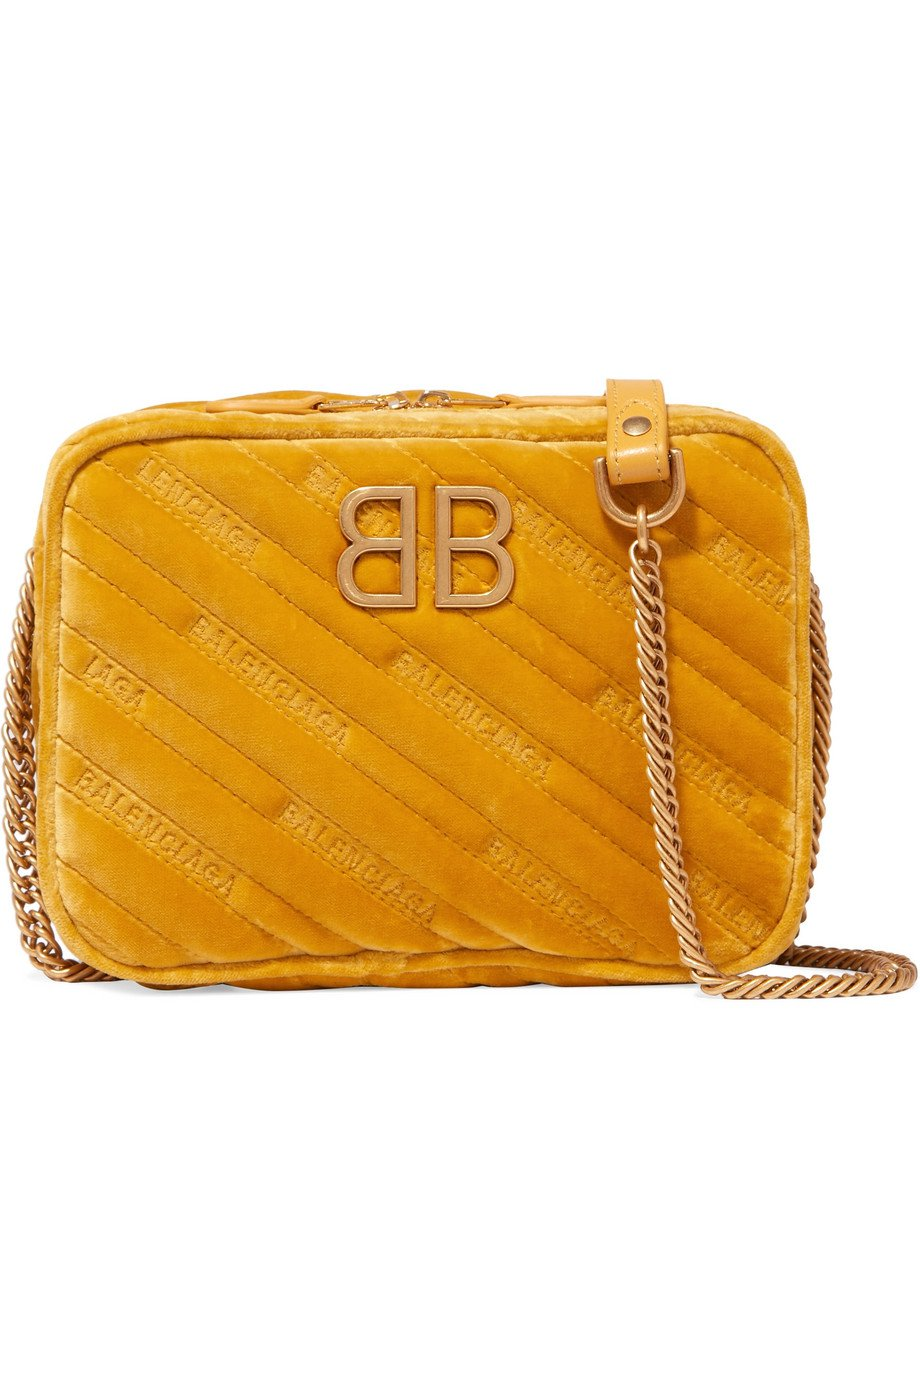 Balenciaga BB Reporter velvet shoulder bag